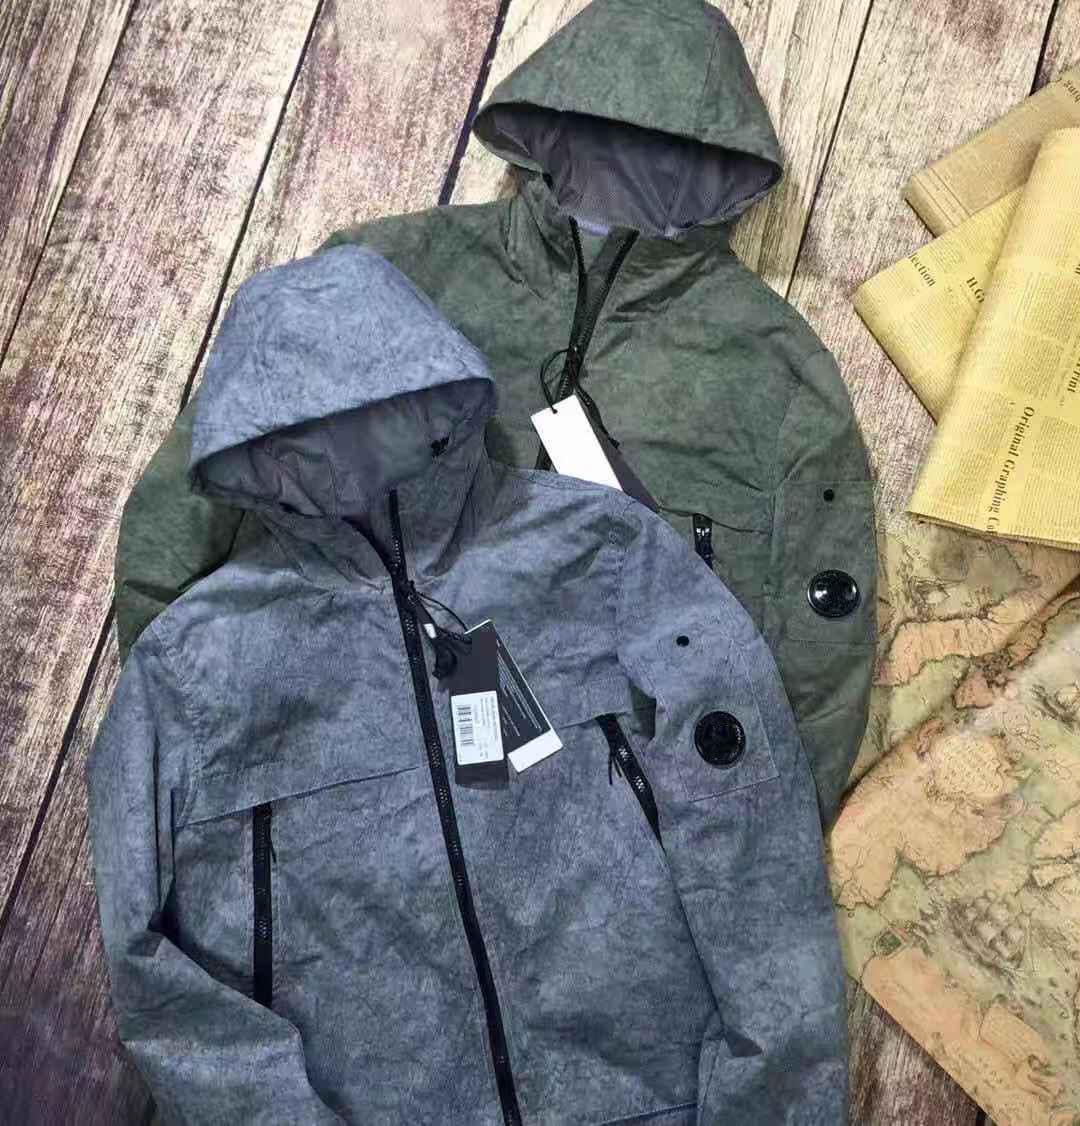 2020 hombres cortavientos retro chaquetas clásicas de estilo americano de estilo casual con capucha con capucha de fibra elástica de fibra mediana a prueba de viento a prueba de viento